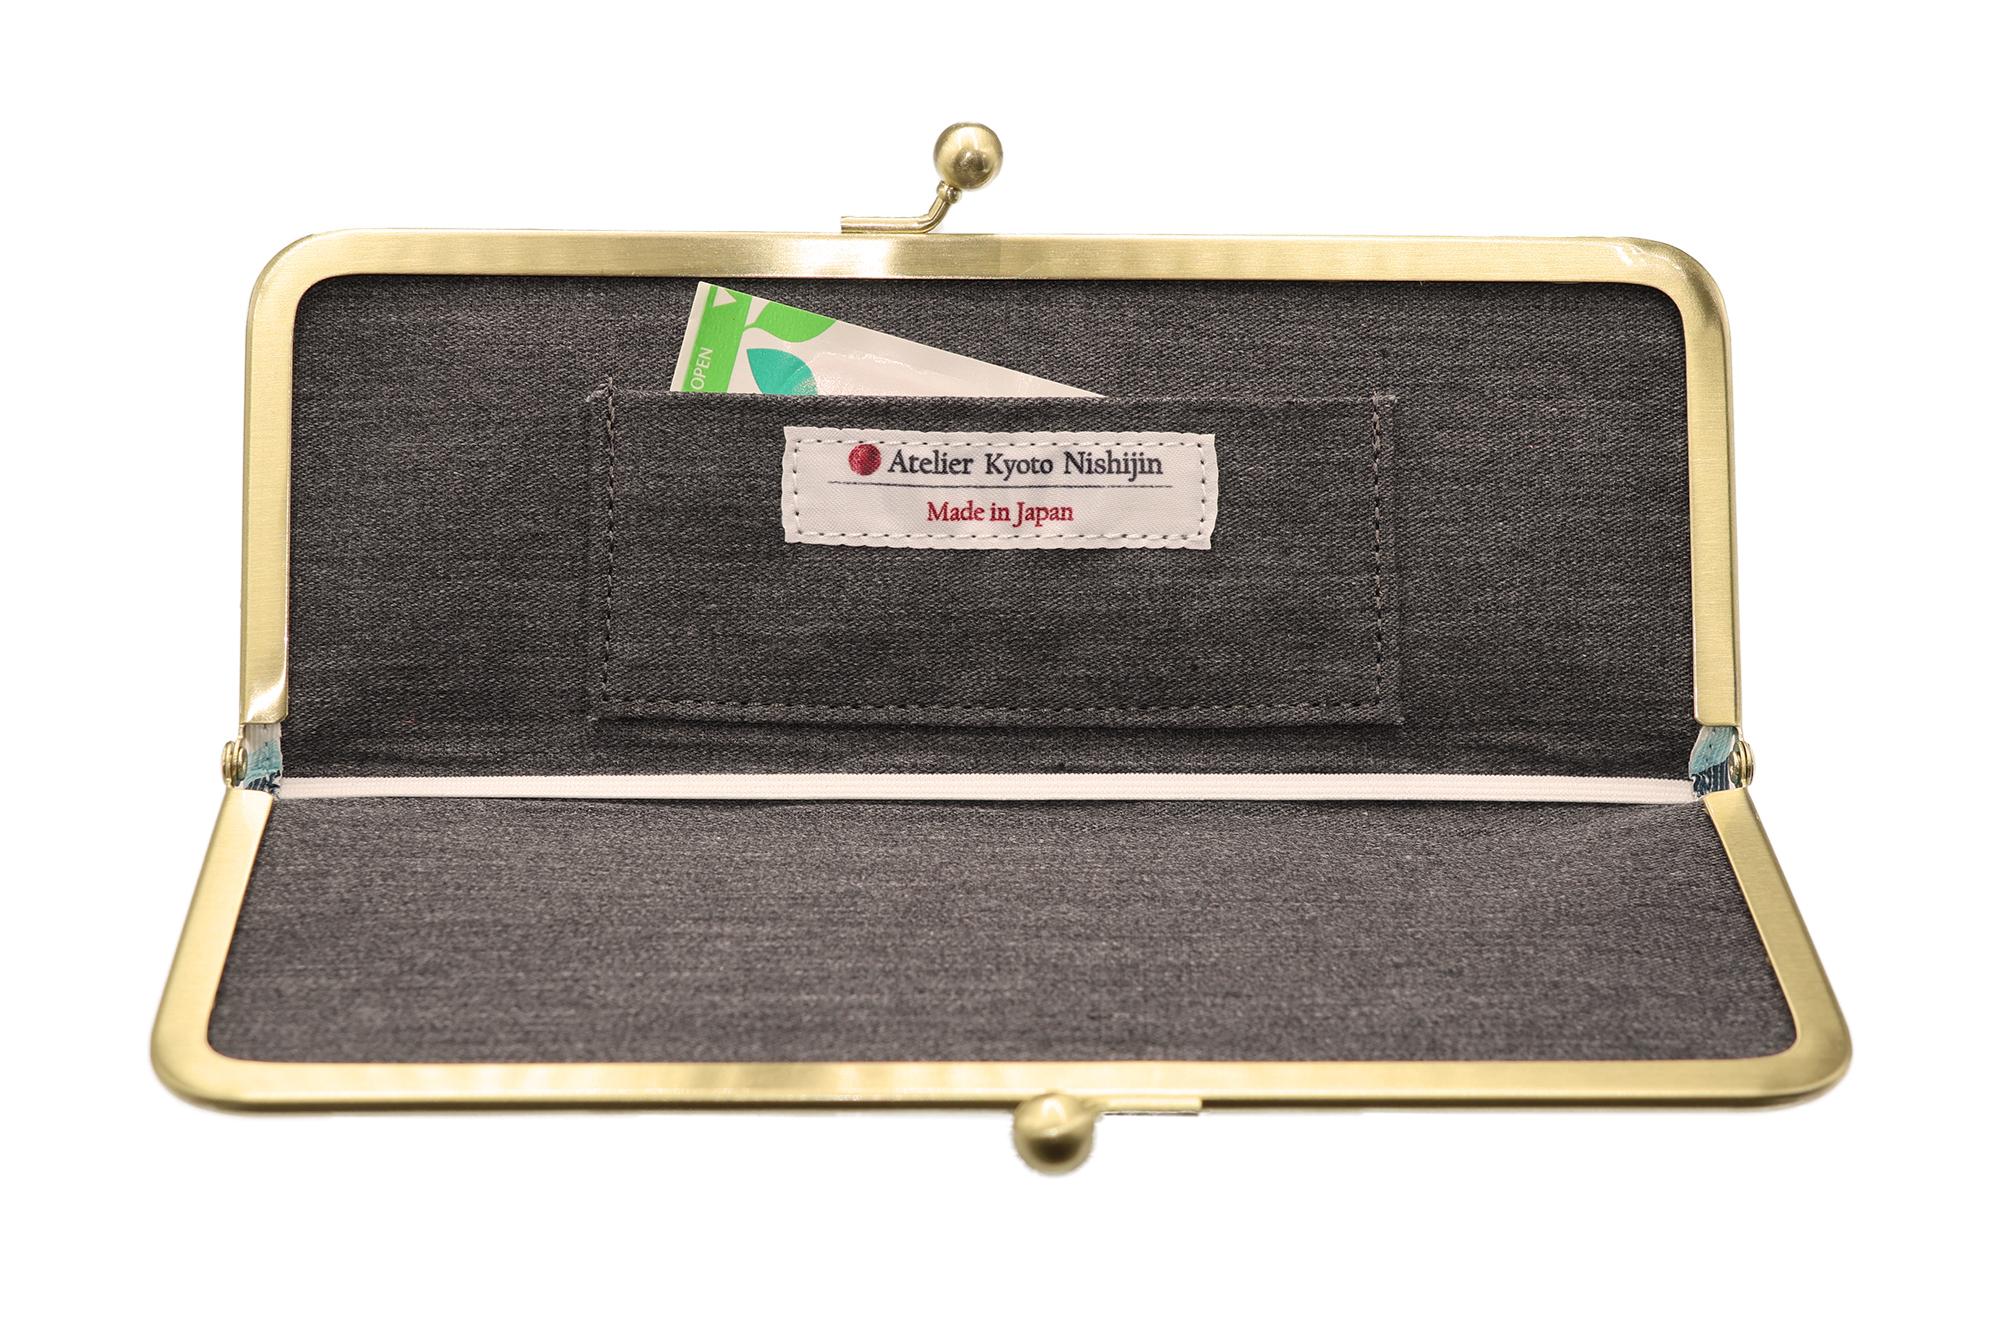 Atelier Kyoto Nishijin/撥水加工・西陣織シルク・抗菌・抗ウイルス・がまぐちマスクケース・格子柄・日本製